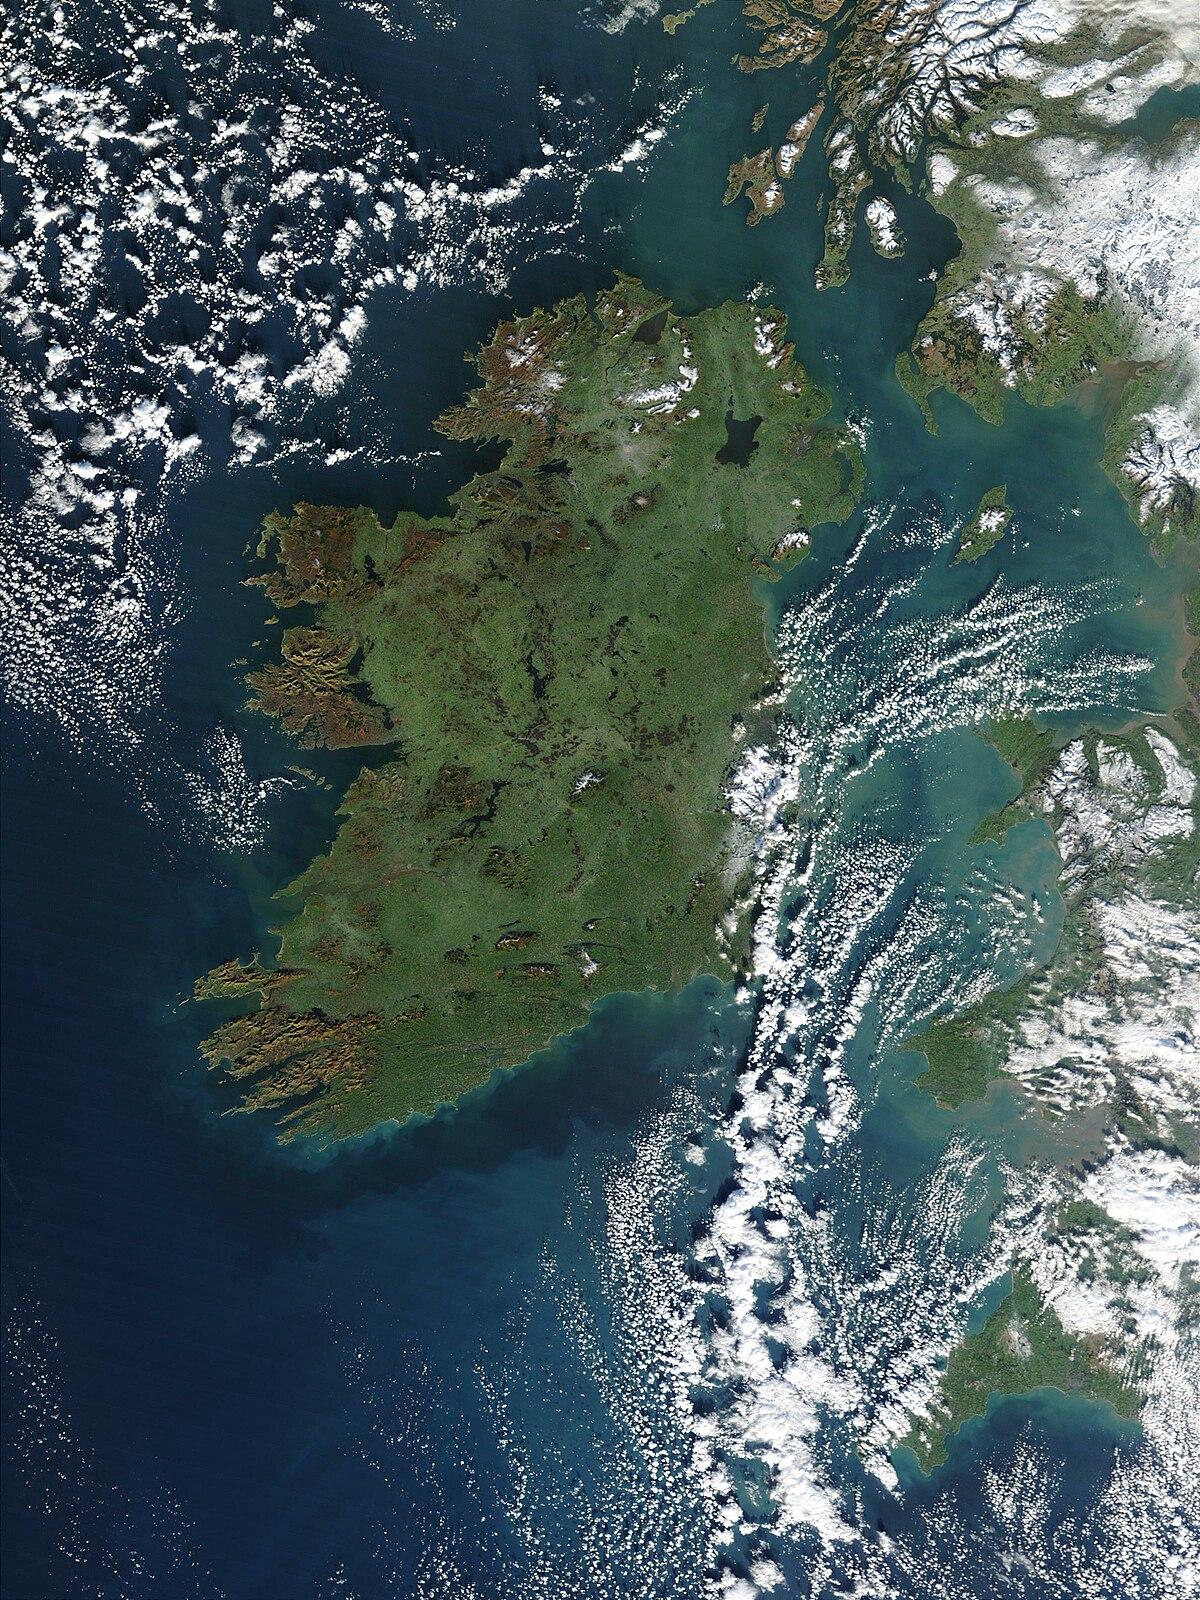 Irland (Insel) – Wikipedia